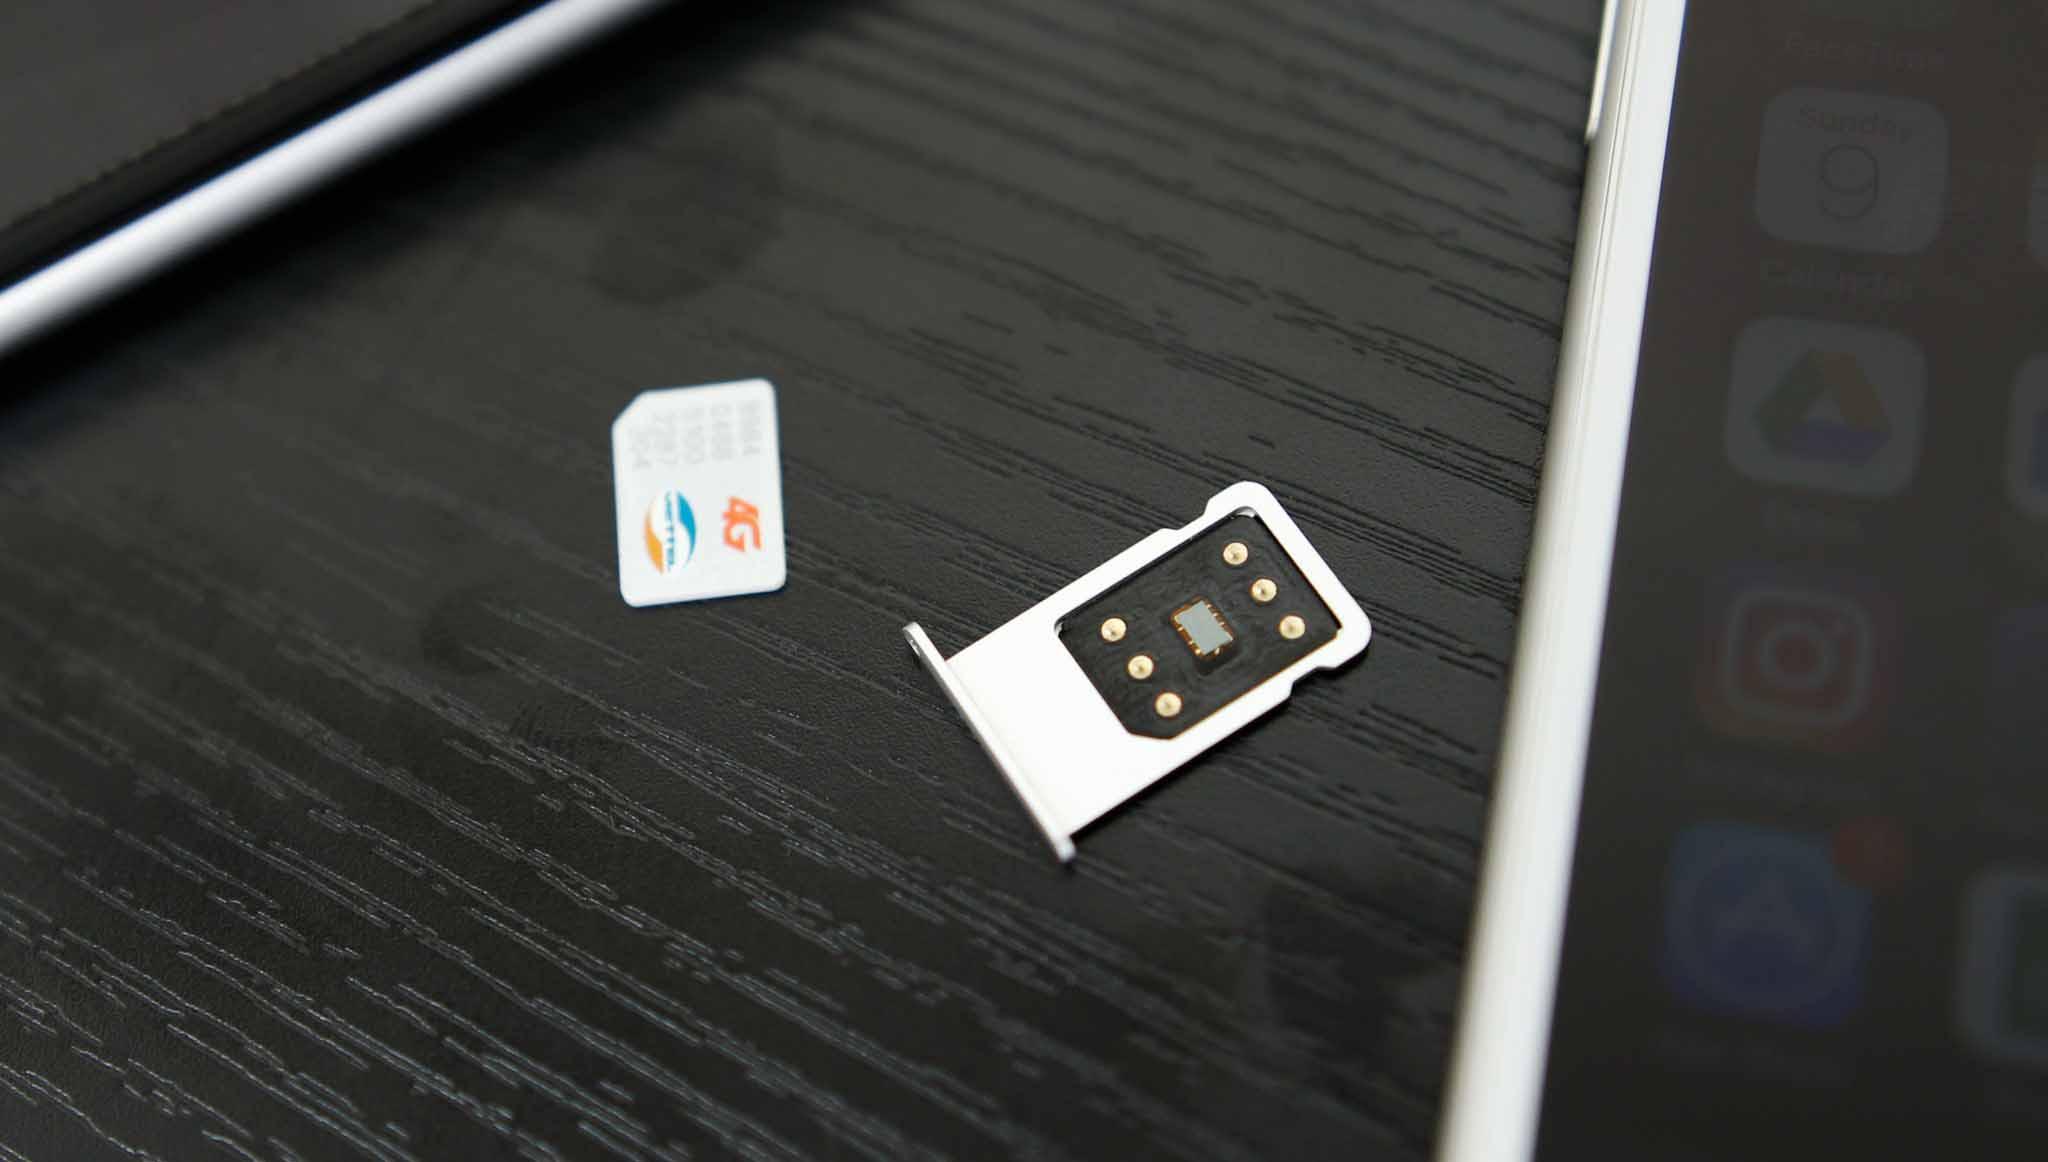 SIM ghép là gì? Ưu, nhược điểm ra sao? Cách sử dụng SIM ghép đúng cách -  Thegioididong.com